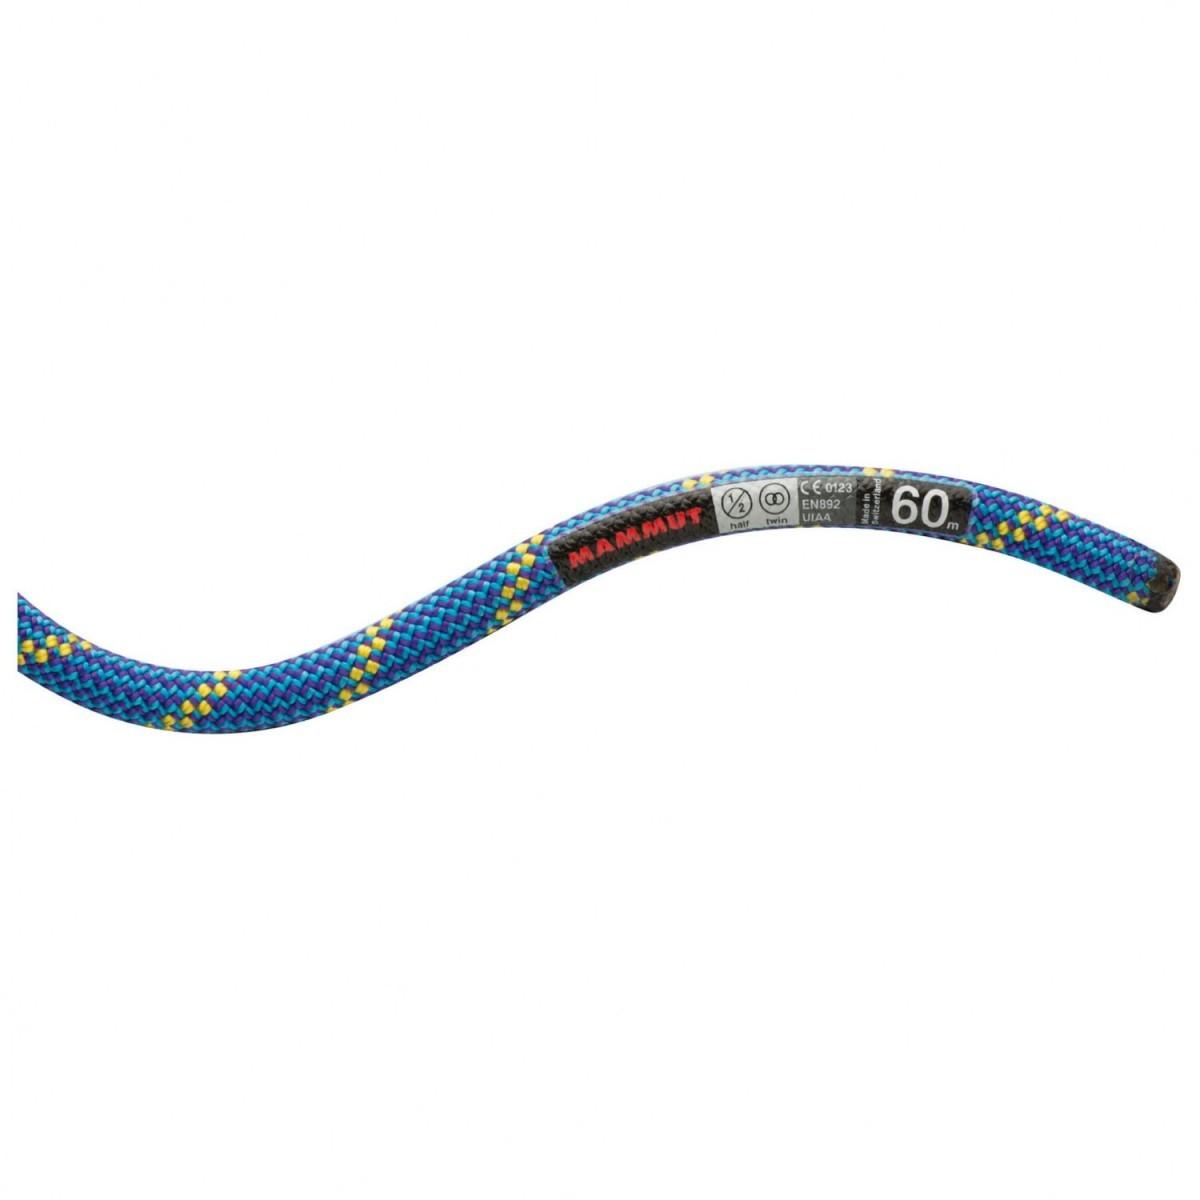 マムート 8.0 Phoenix Dry (70m - Blue)★ロープ・ザイル・登山・クライミング★